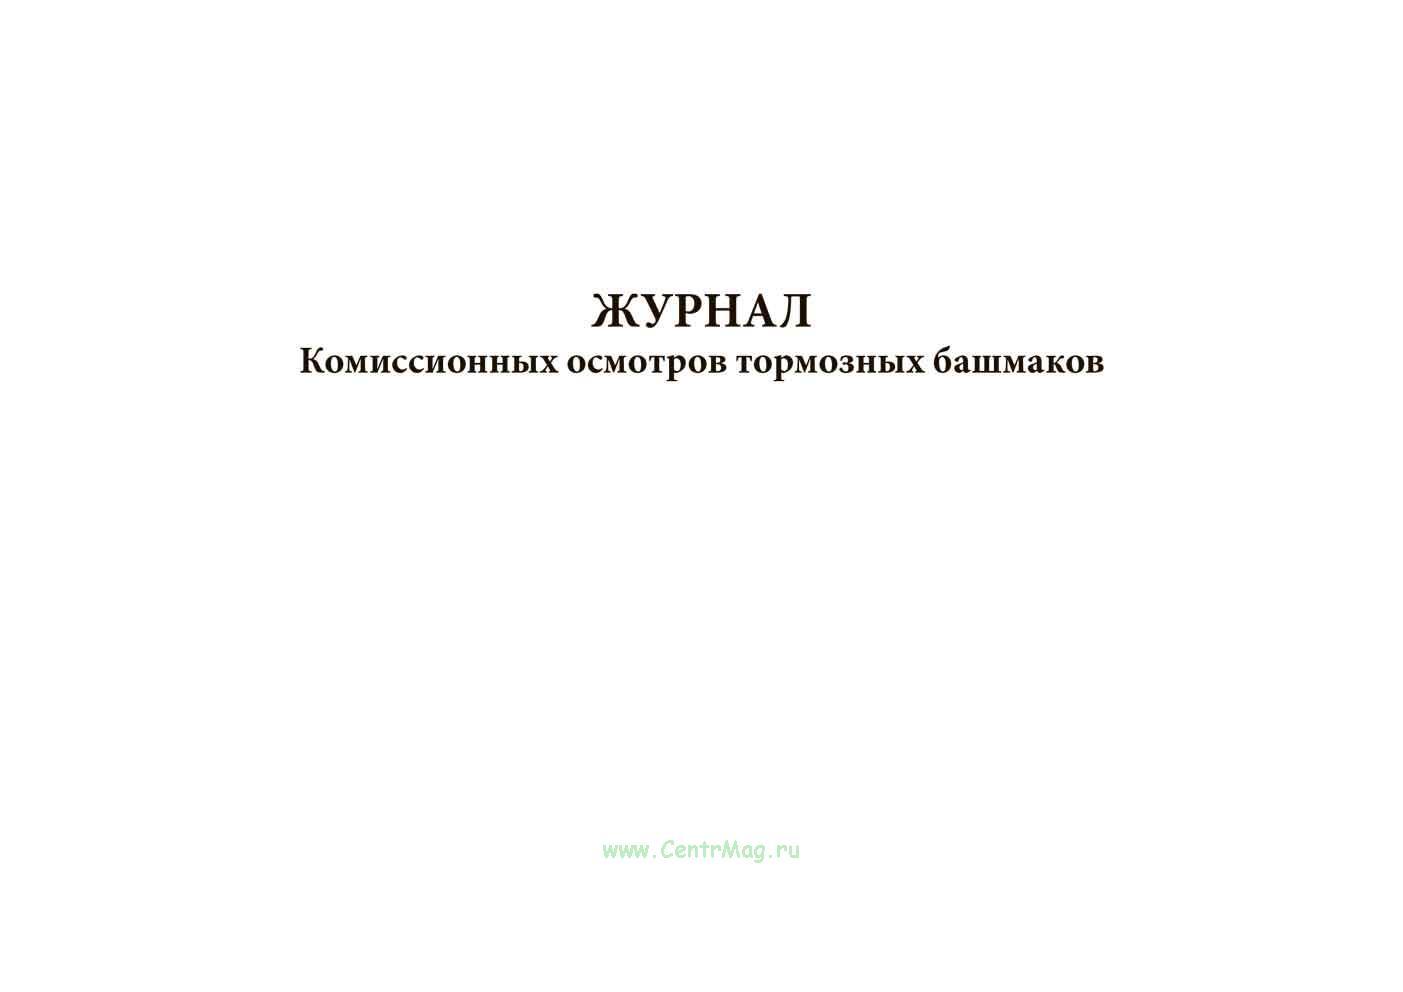 Журнал комиссионных осмотров тормозных башмаков